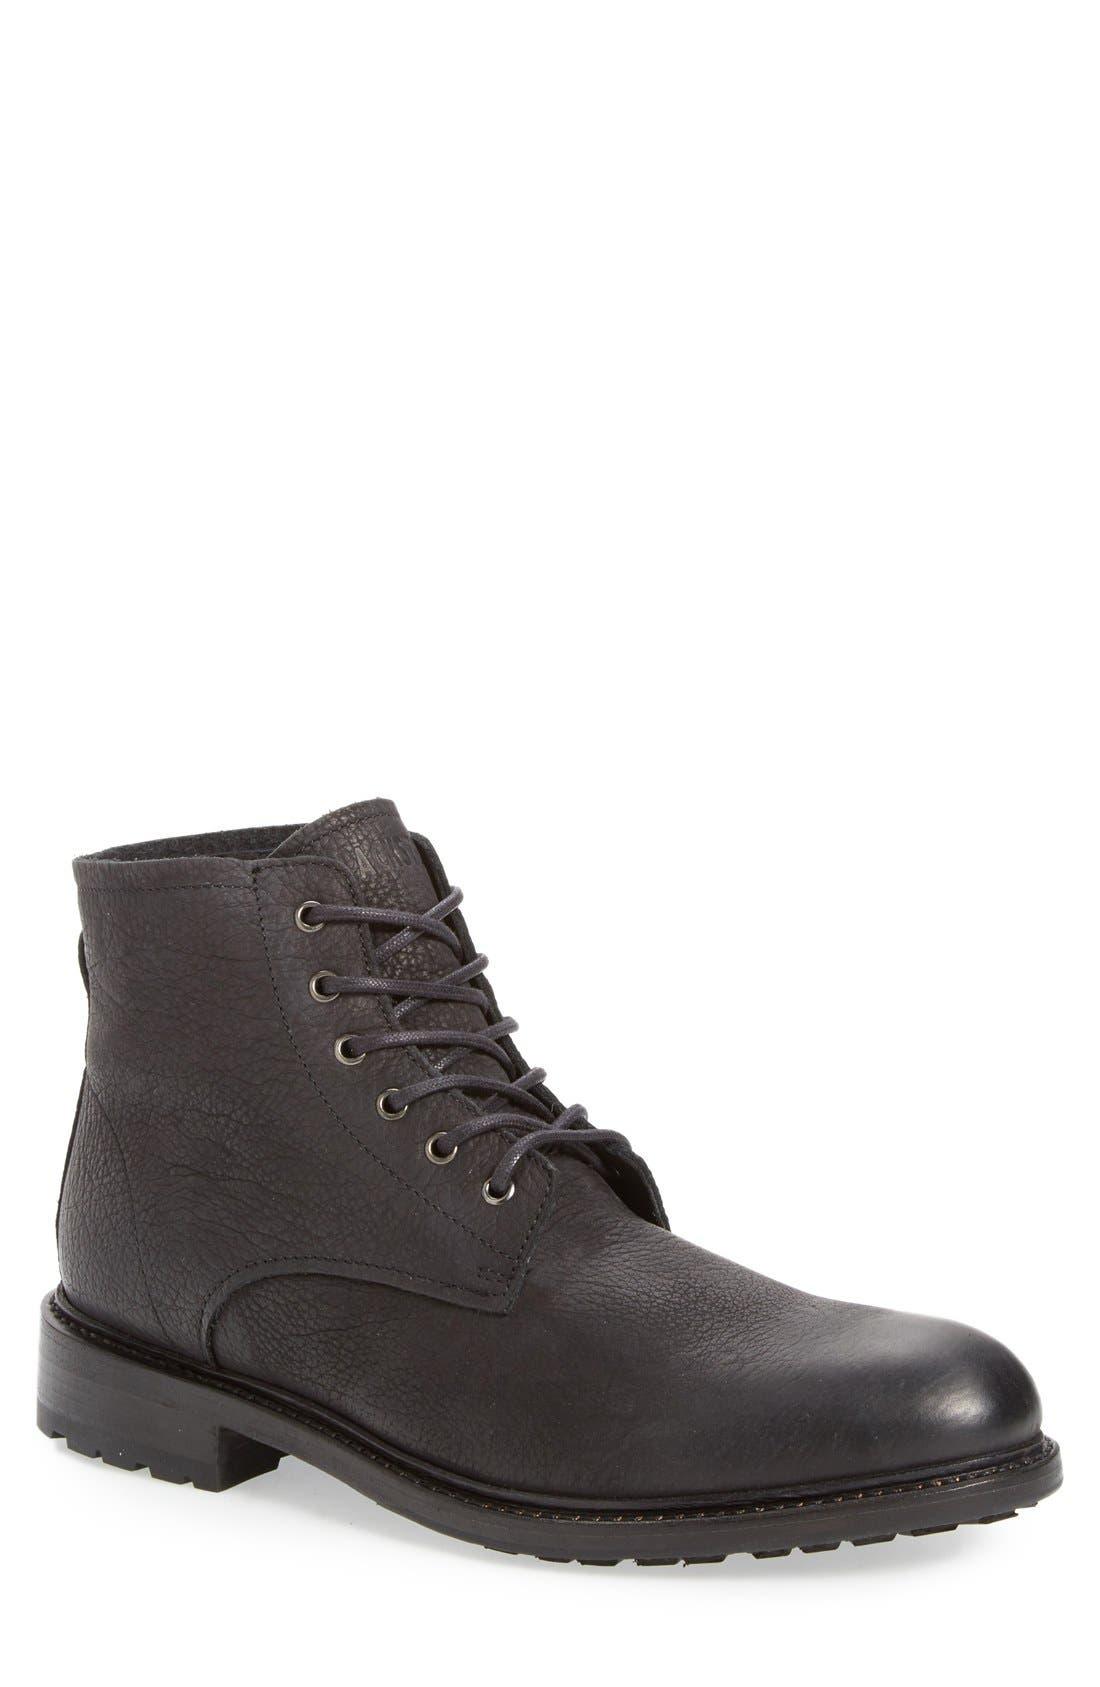 'KM32' Plain Toe Boot,                             Main thumbnail 1, color,                             001